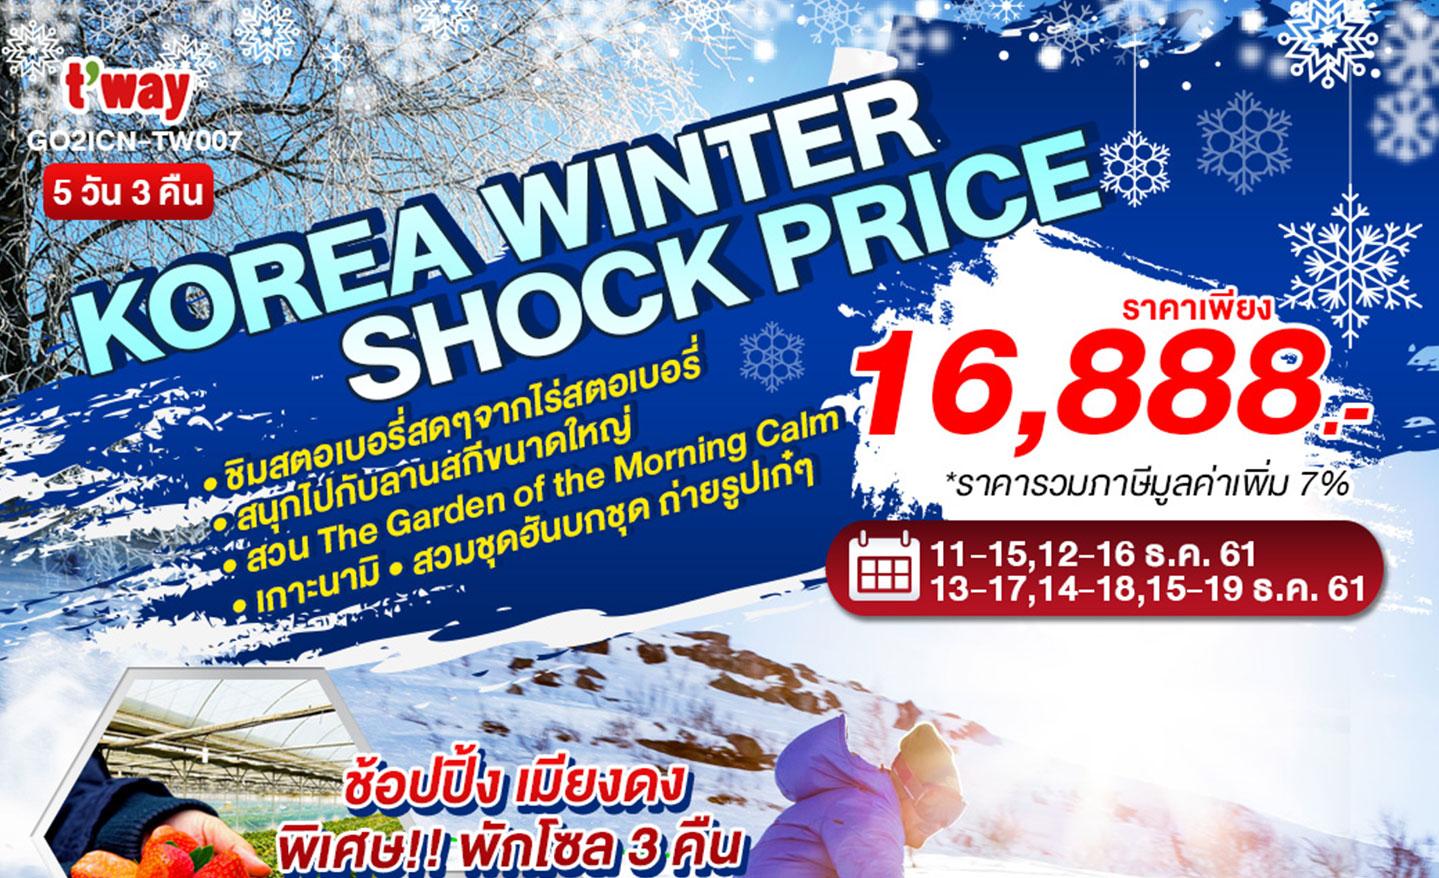 ทัวร์เกาหลี Winter Shock Price (ธ.ค.61)